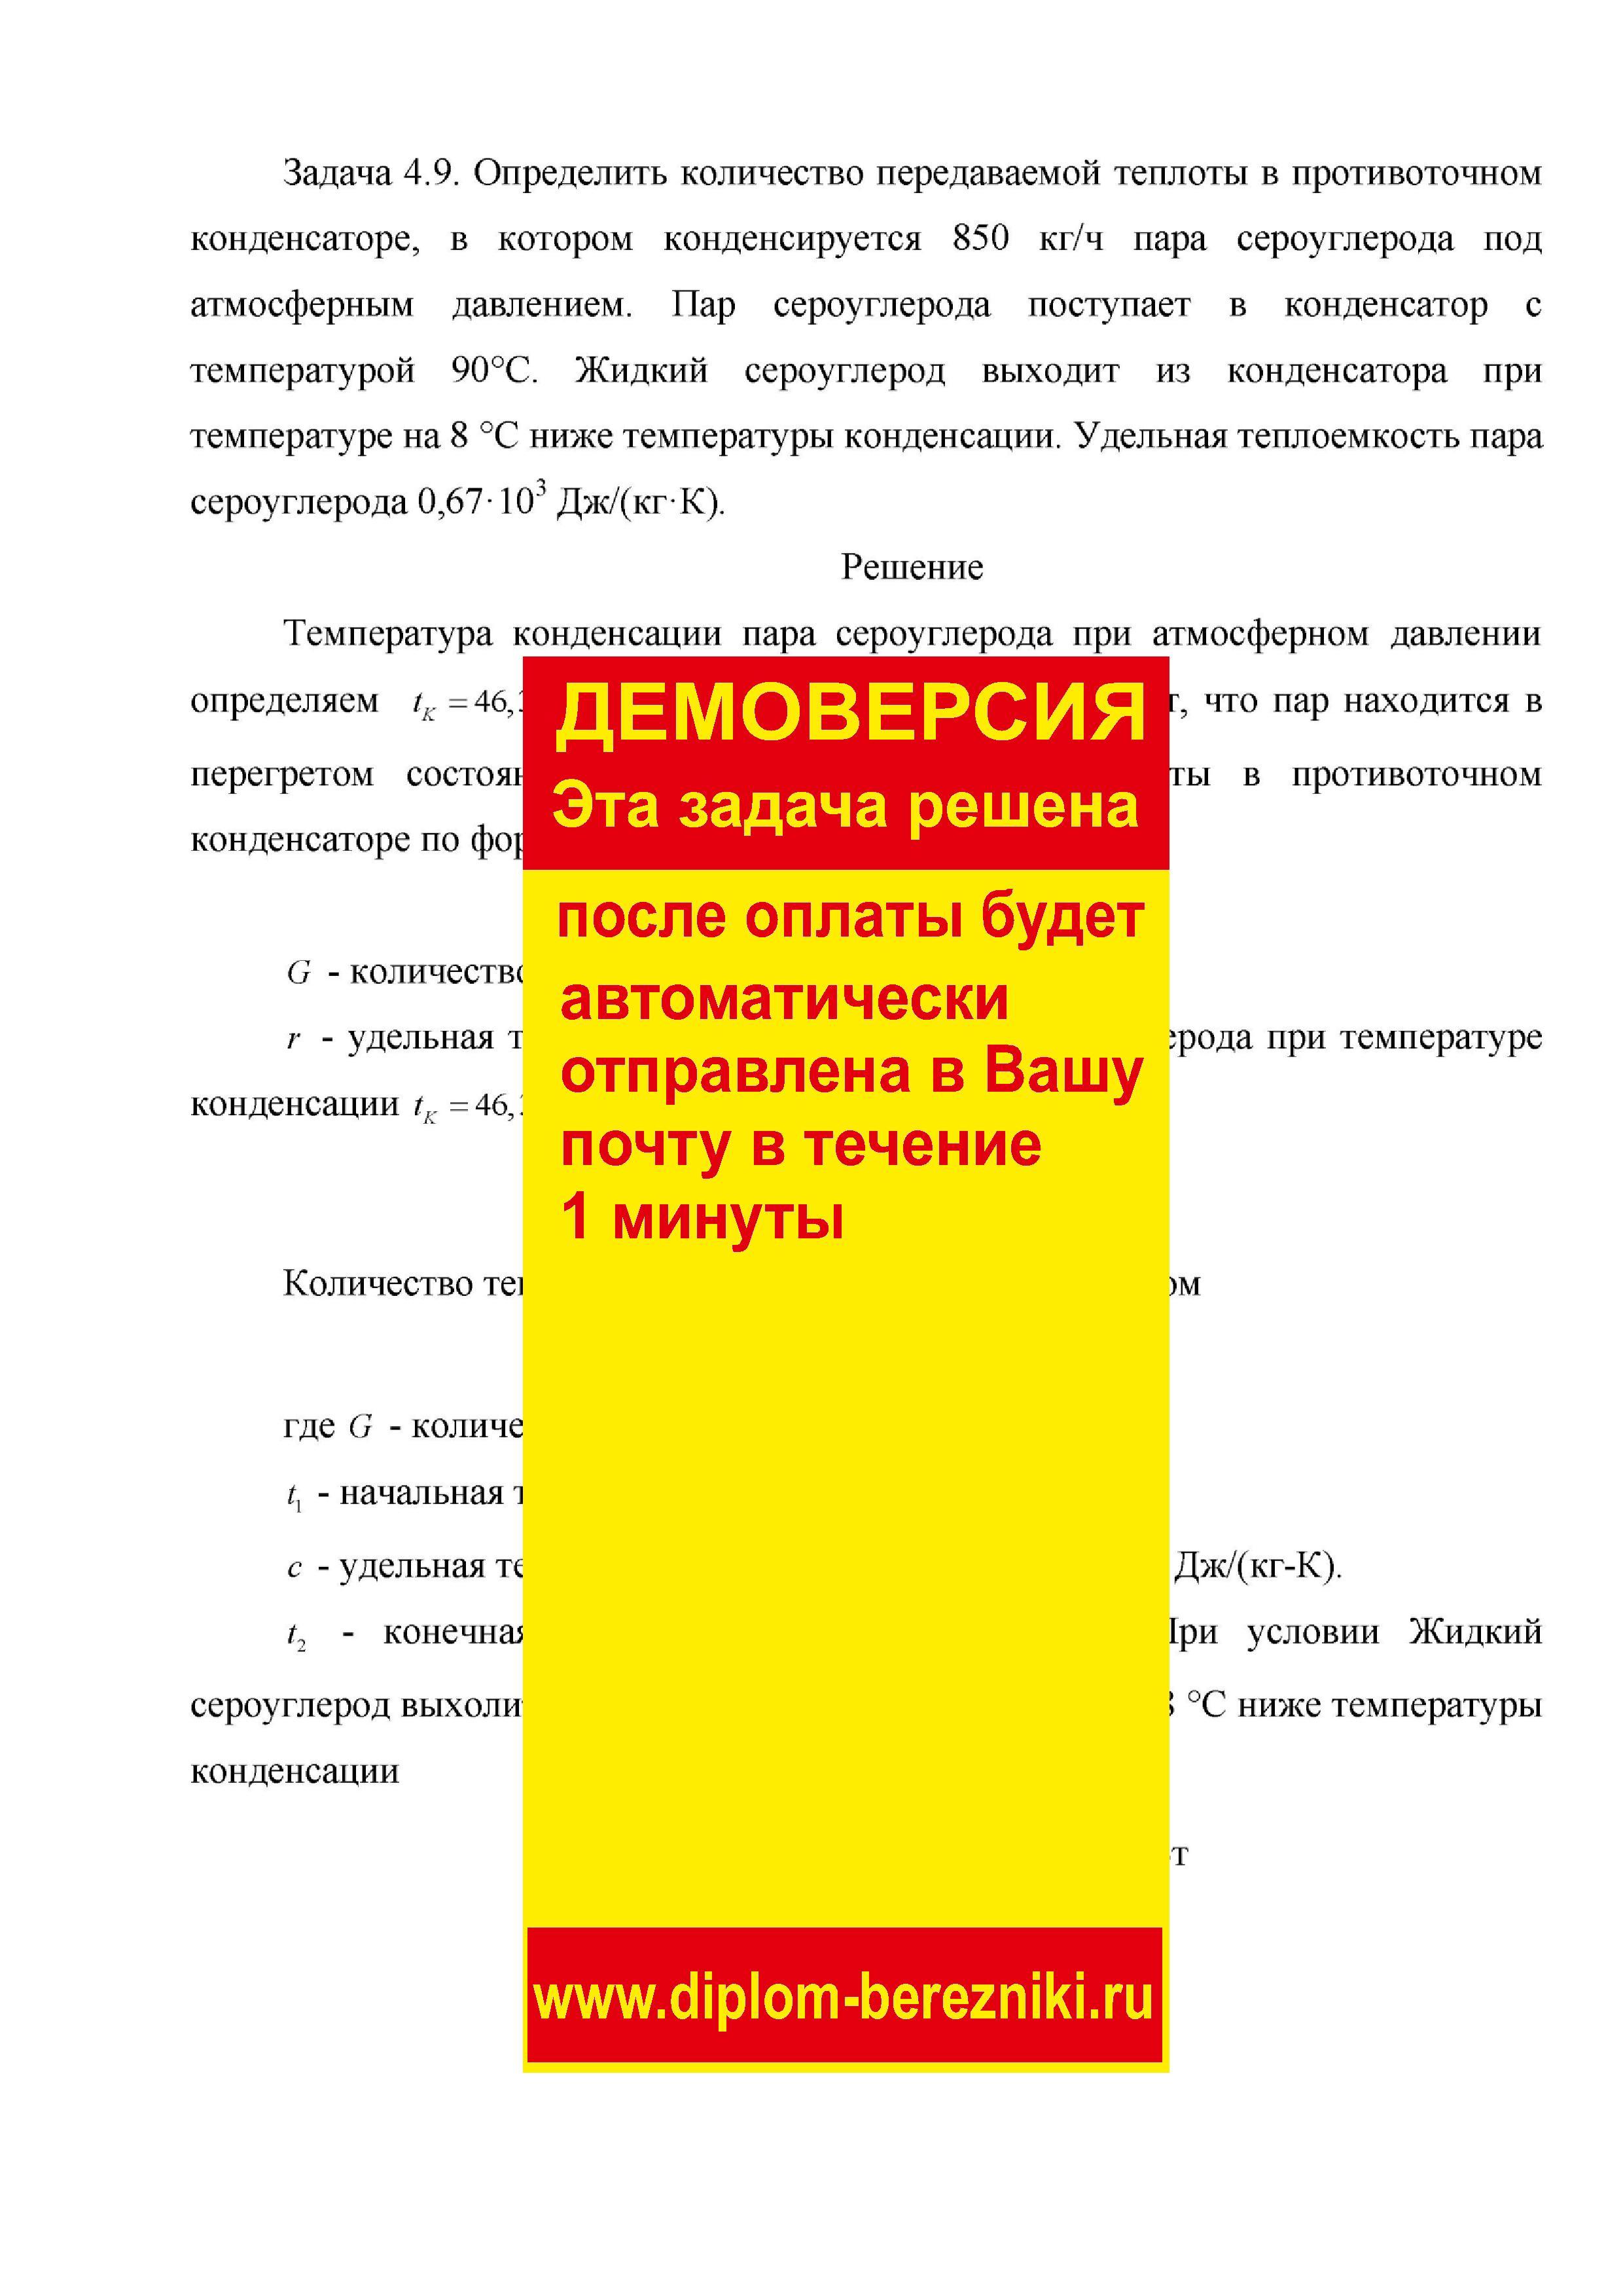 Решение задачи 4.9 по ПАХТ из задачника Павлова Романкова Носкова